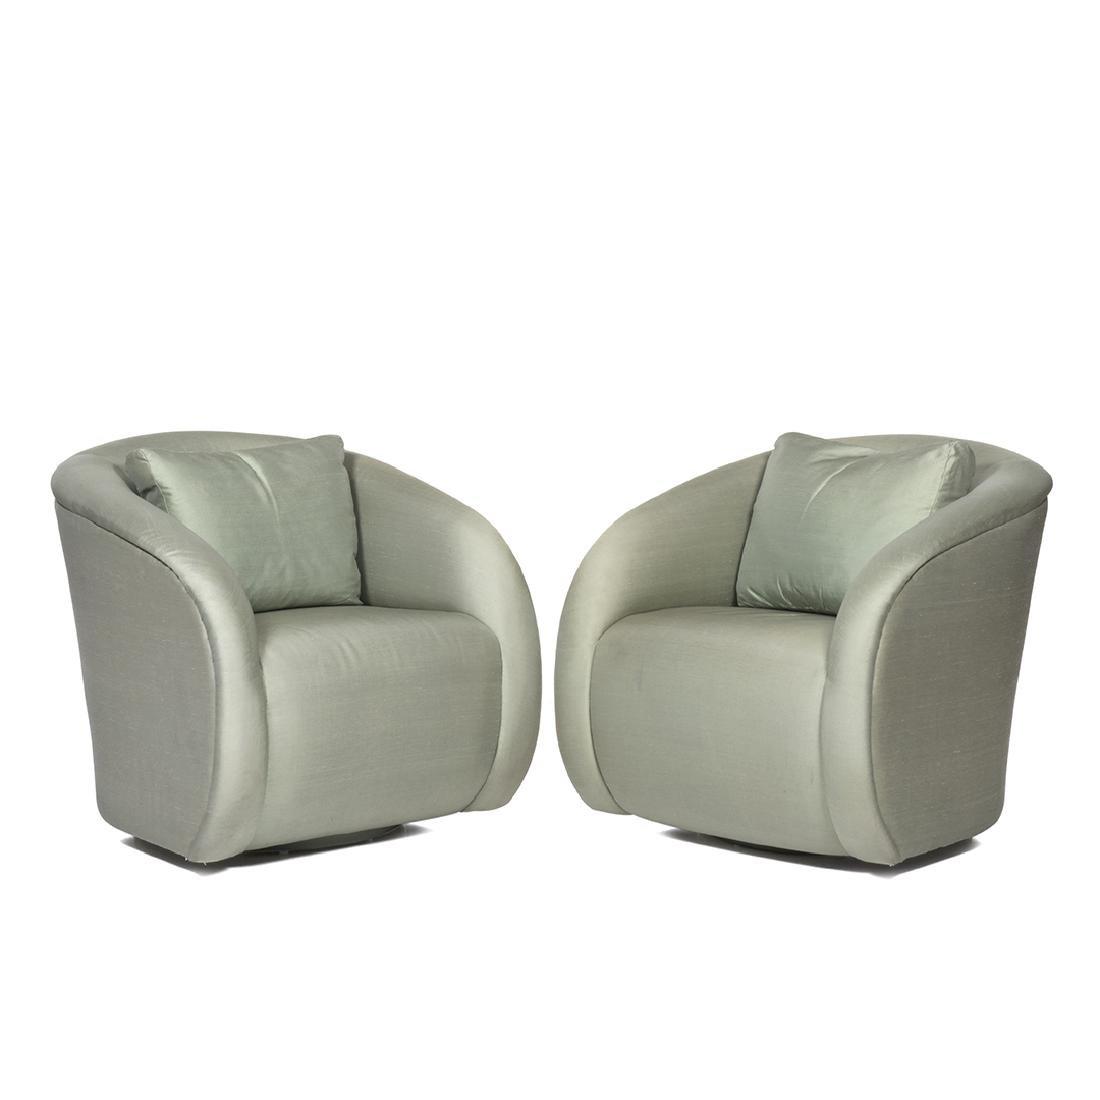 Silk Lounge Chairs (2)